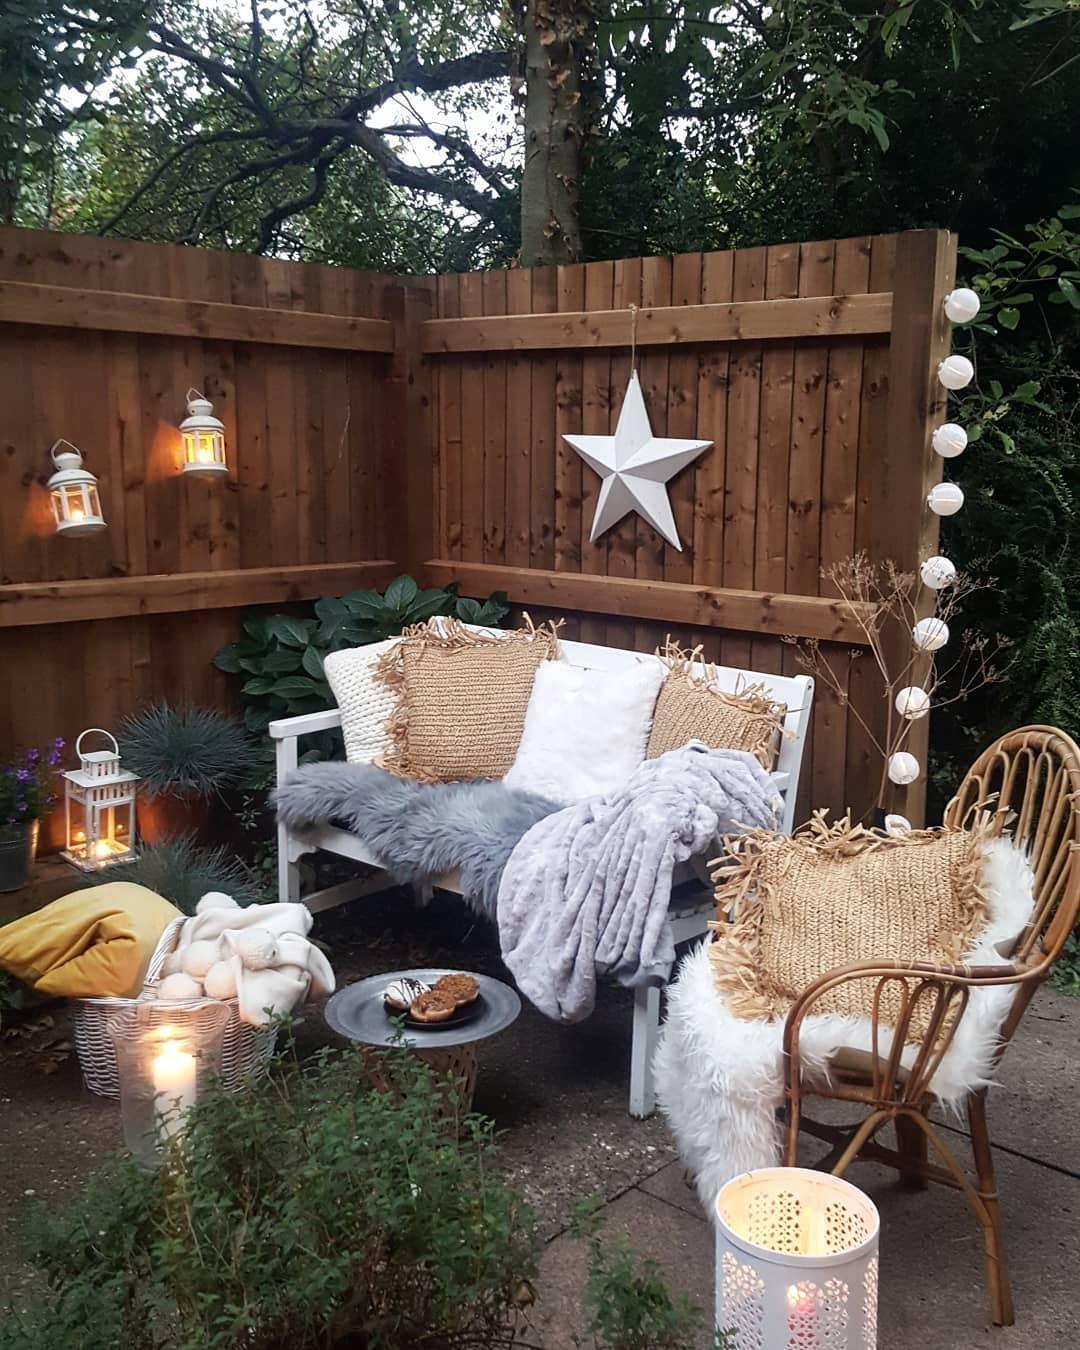 garten ideen so gestaltest deinen au enbereich. Black Bedroom Furniture Sets. Home Design Ideas